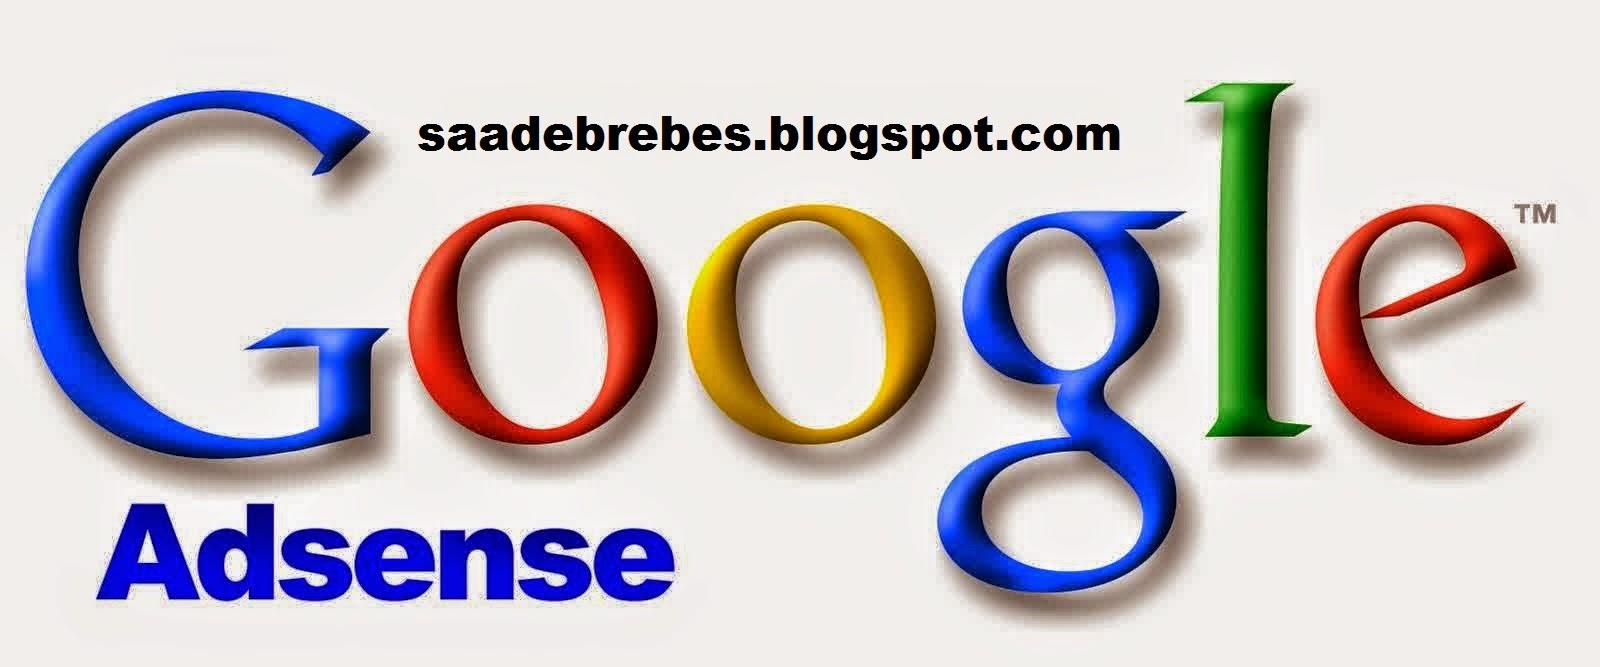 Tips menambang dollar google adsense #5 – memperoleh iklan berharga tinggi